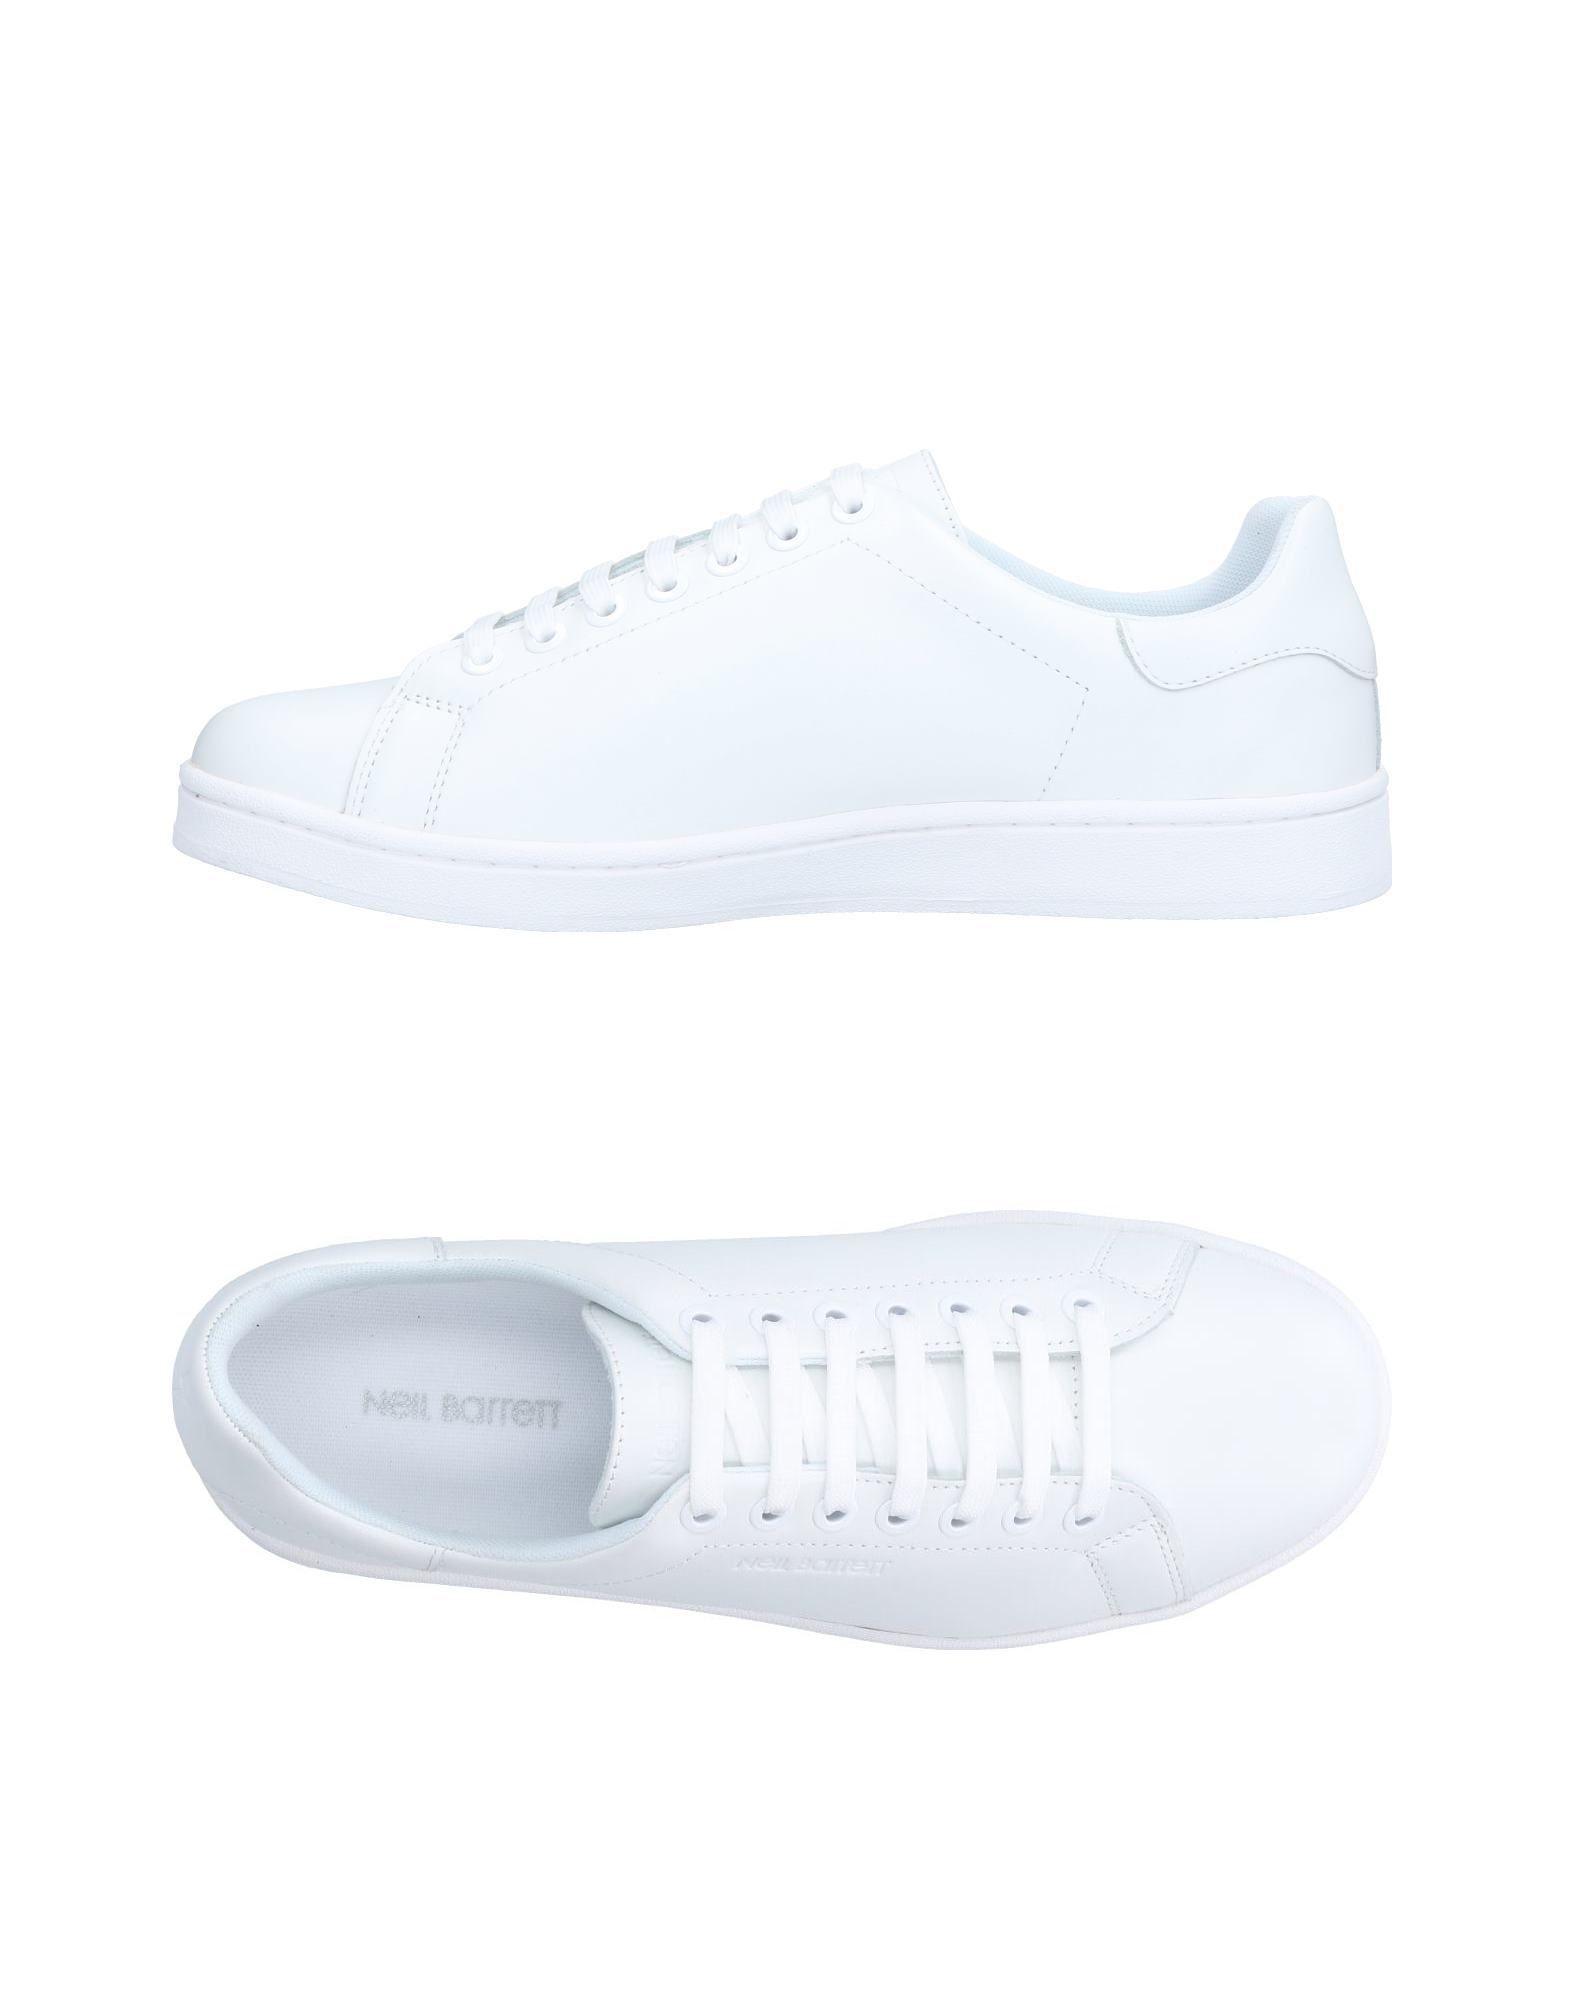 Neil Barrett Sneakers Herren  11522289AP Gute Qualität beliebte Schuhe